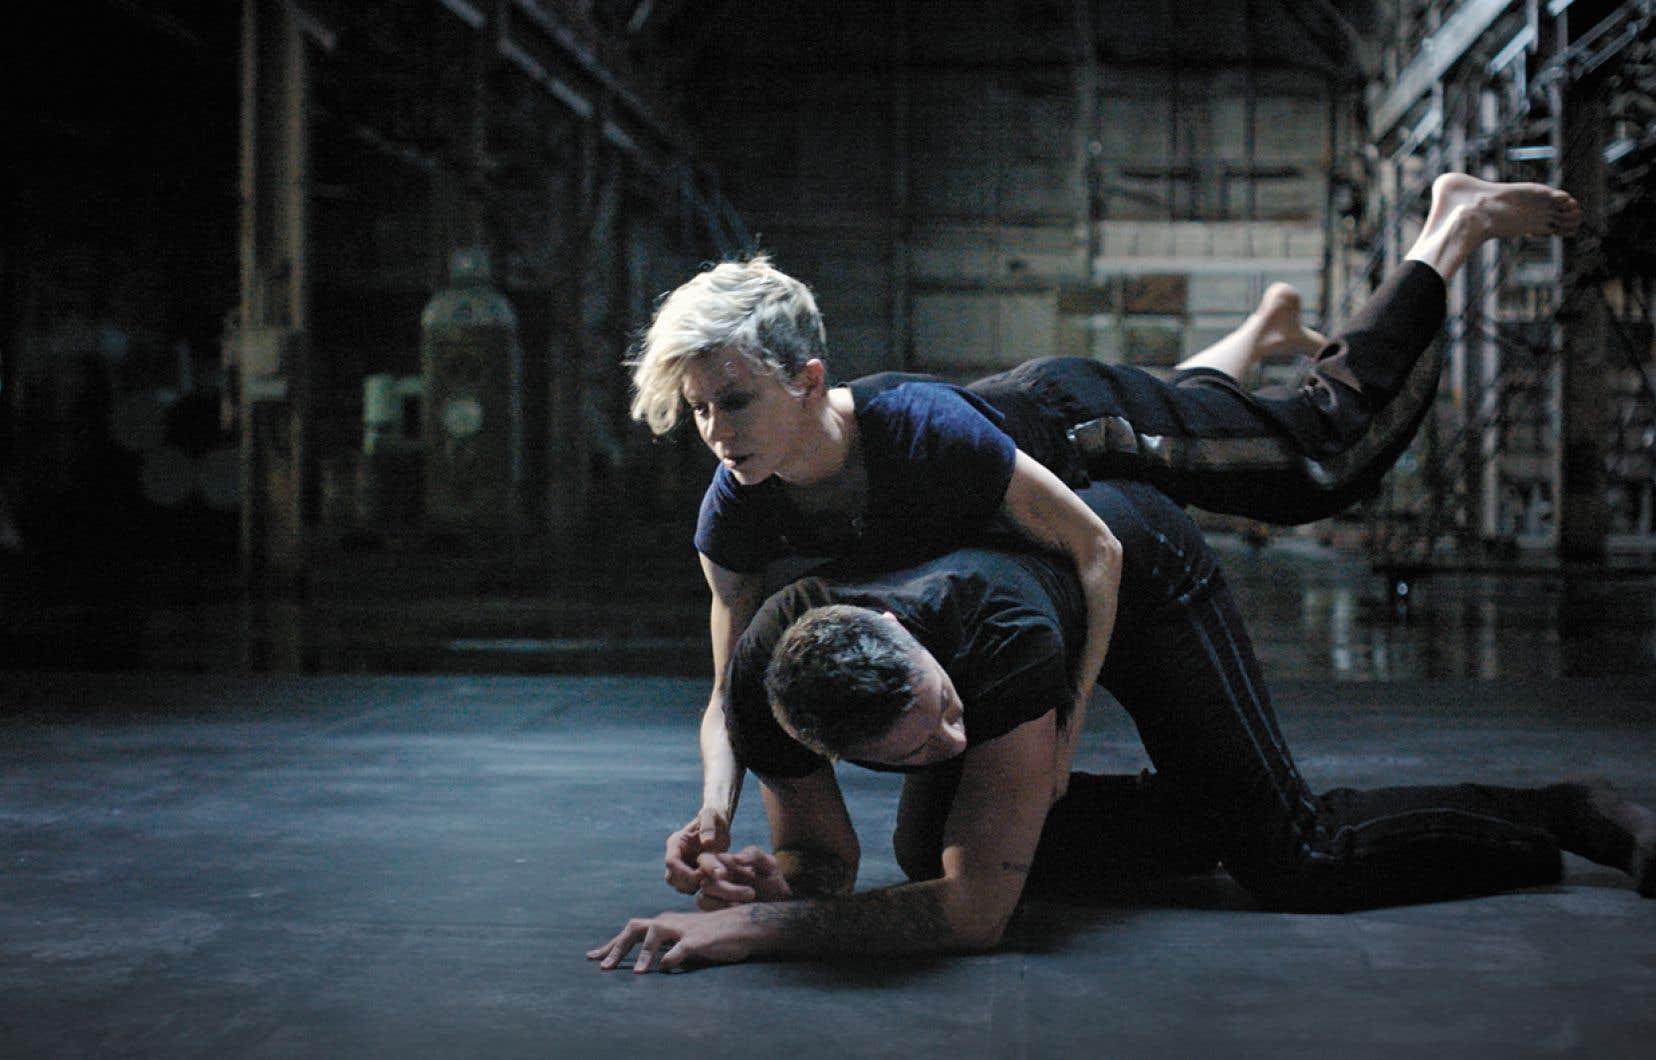 Quiconque a vu danser Louise Lecavalier n'a pu qu'être ébloui par sa présence magnétique, par sa musicalité frénétique et par sa grâce atypique.